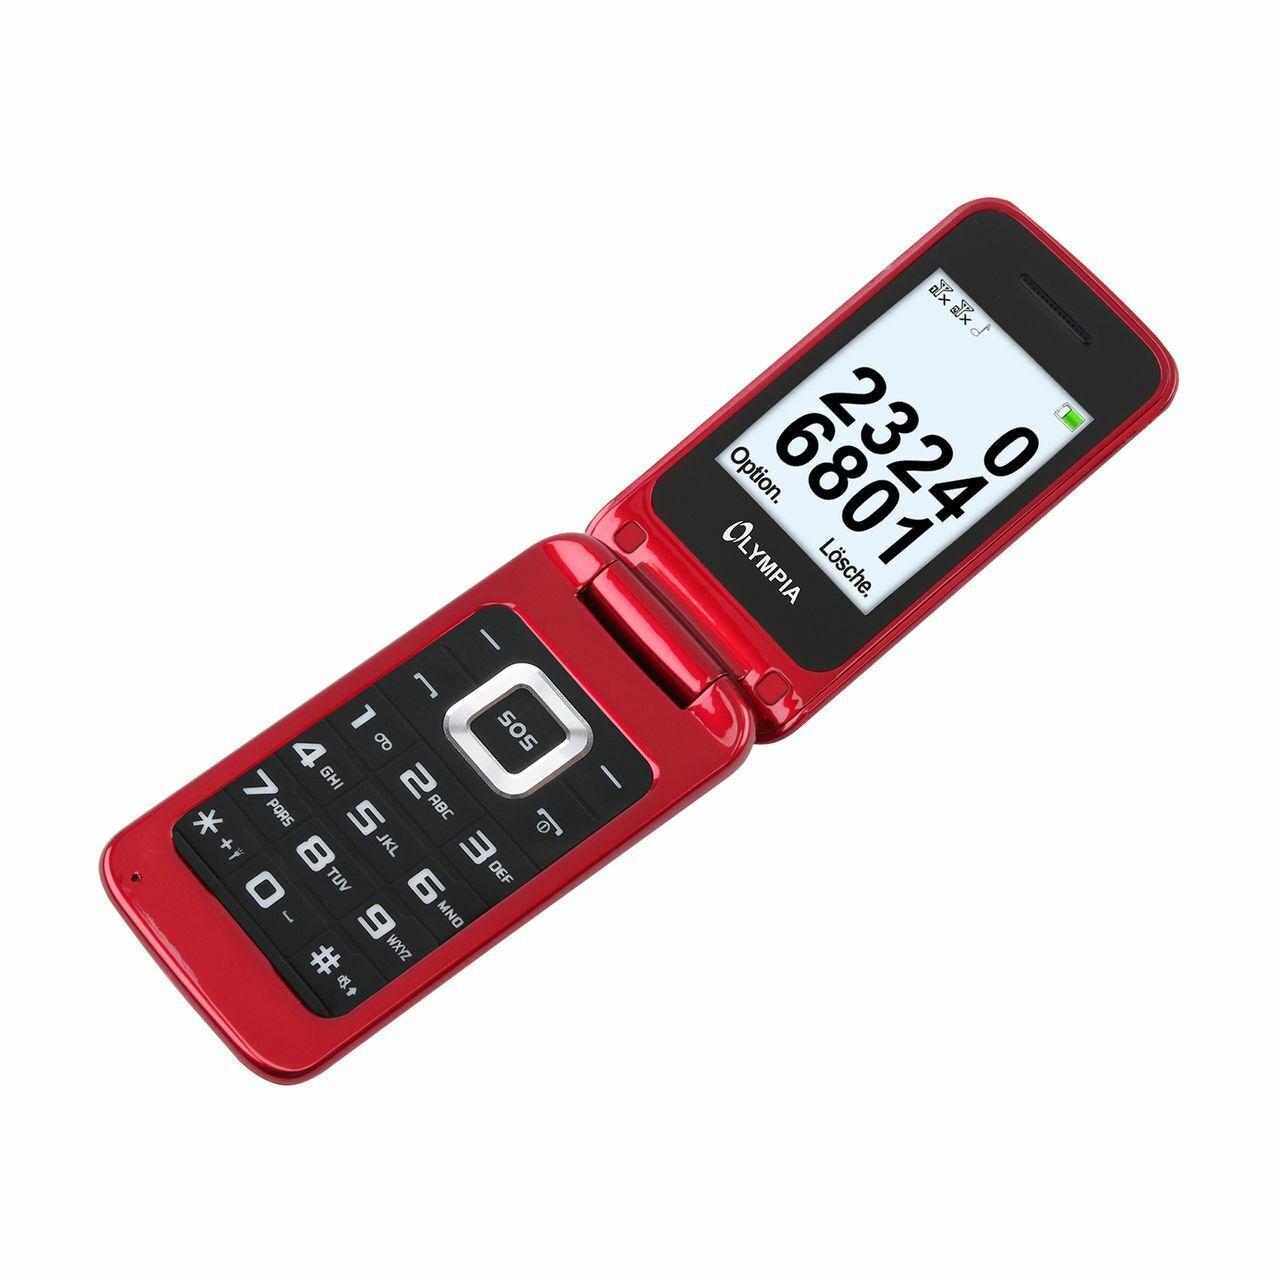 OLYMPIA Luna Senioren Mobiltelefon Handy mit großen Tasten Rot